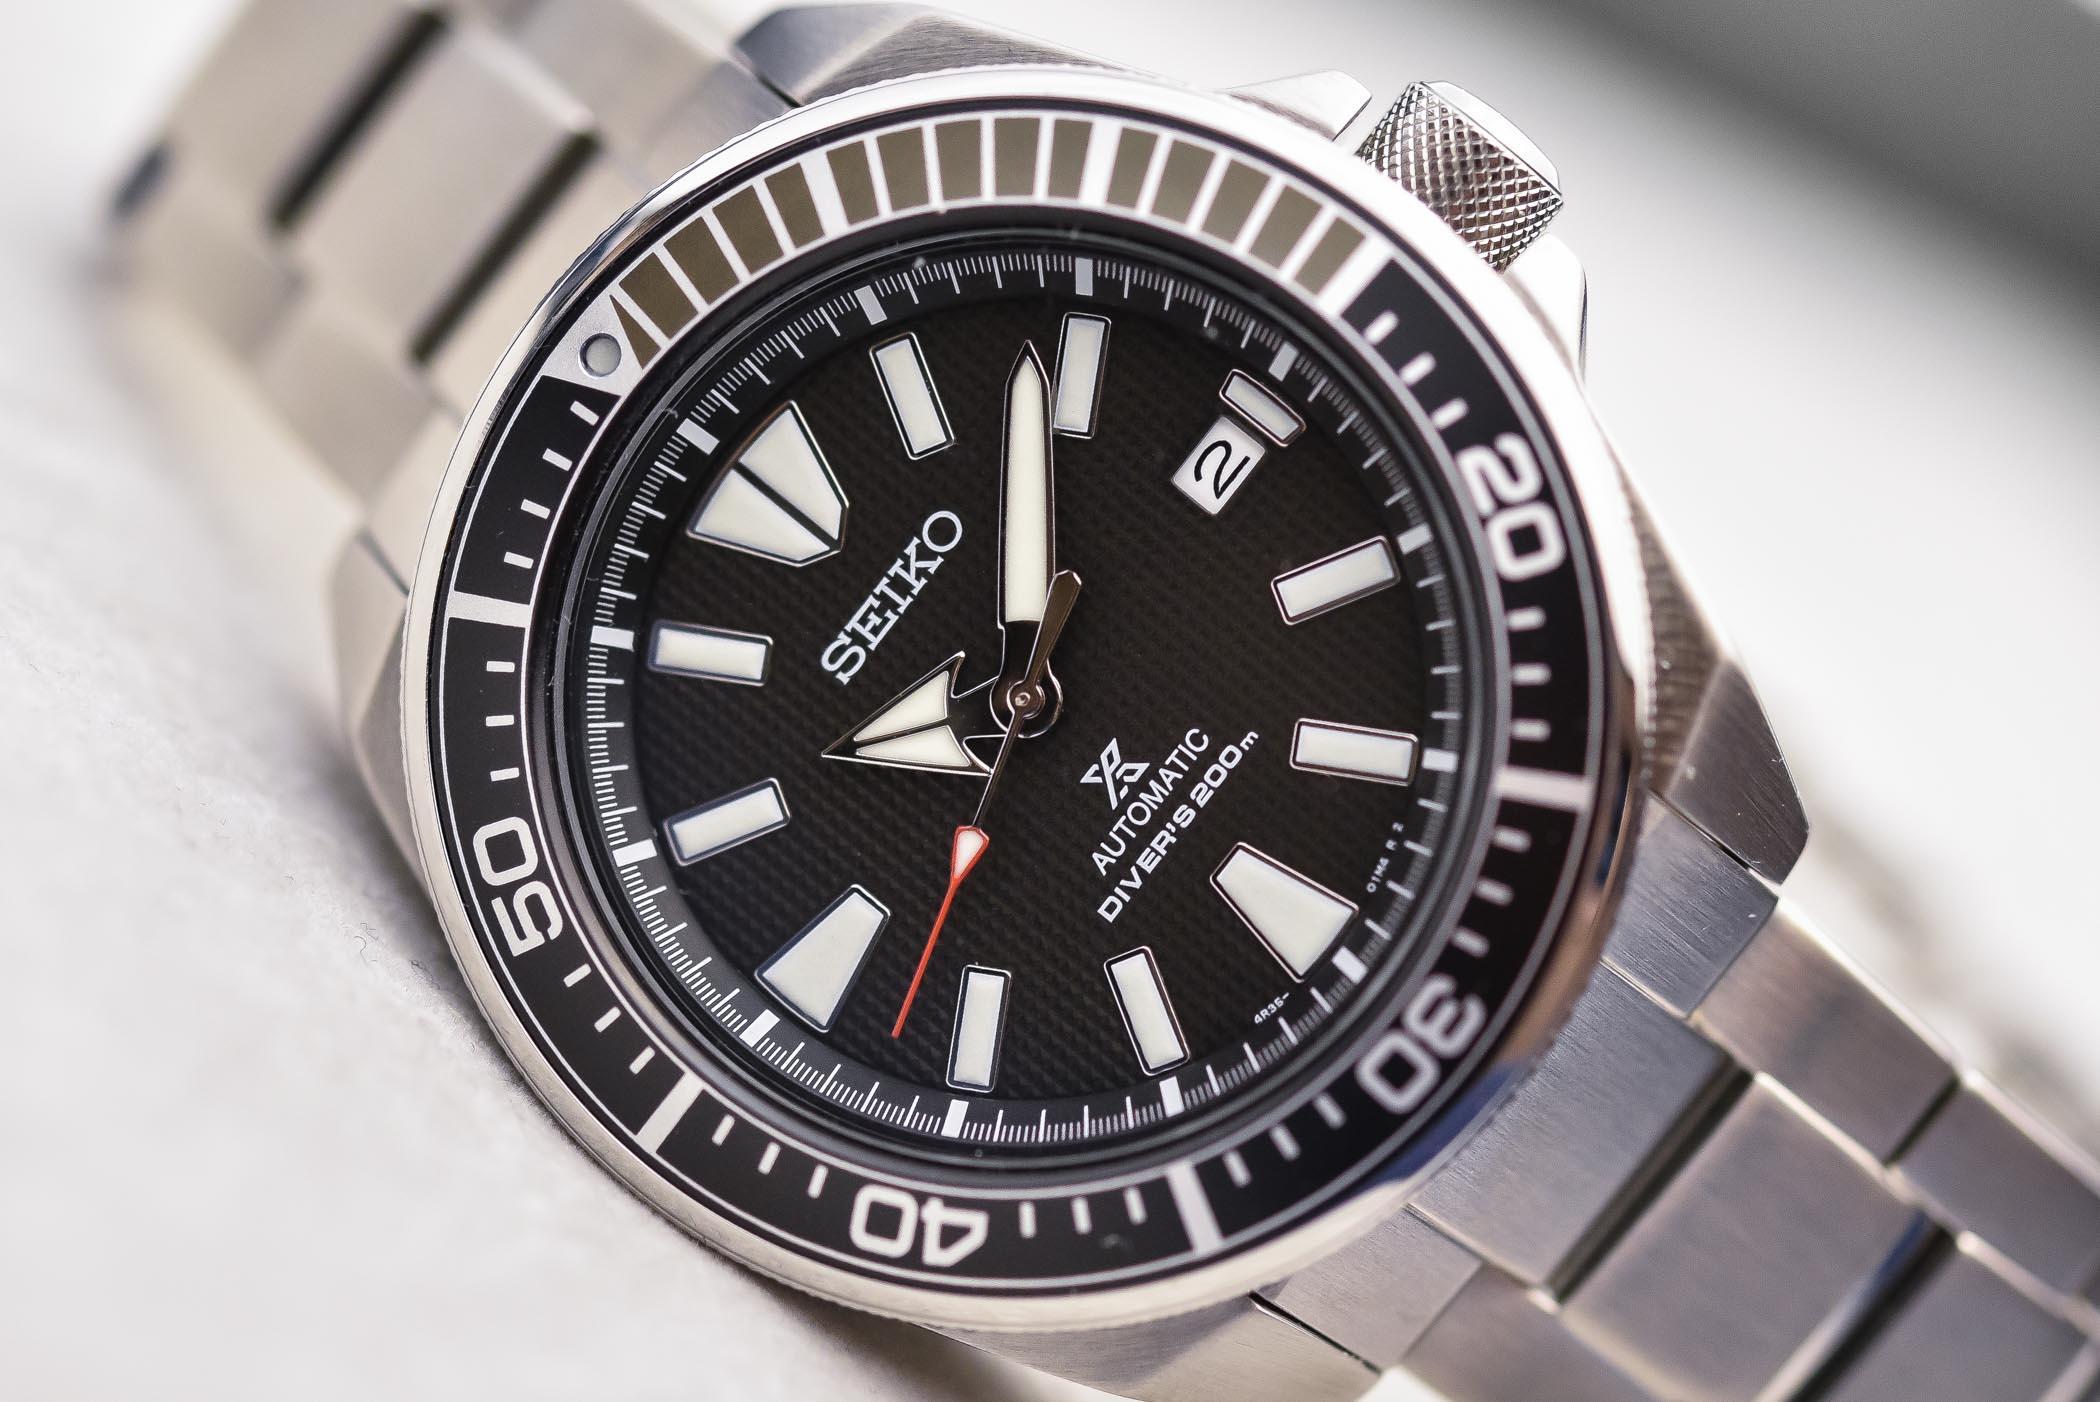 Seiko Prospex Samurai Diver - SRPB51K1